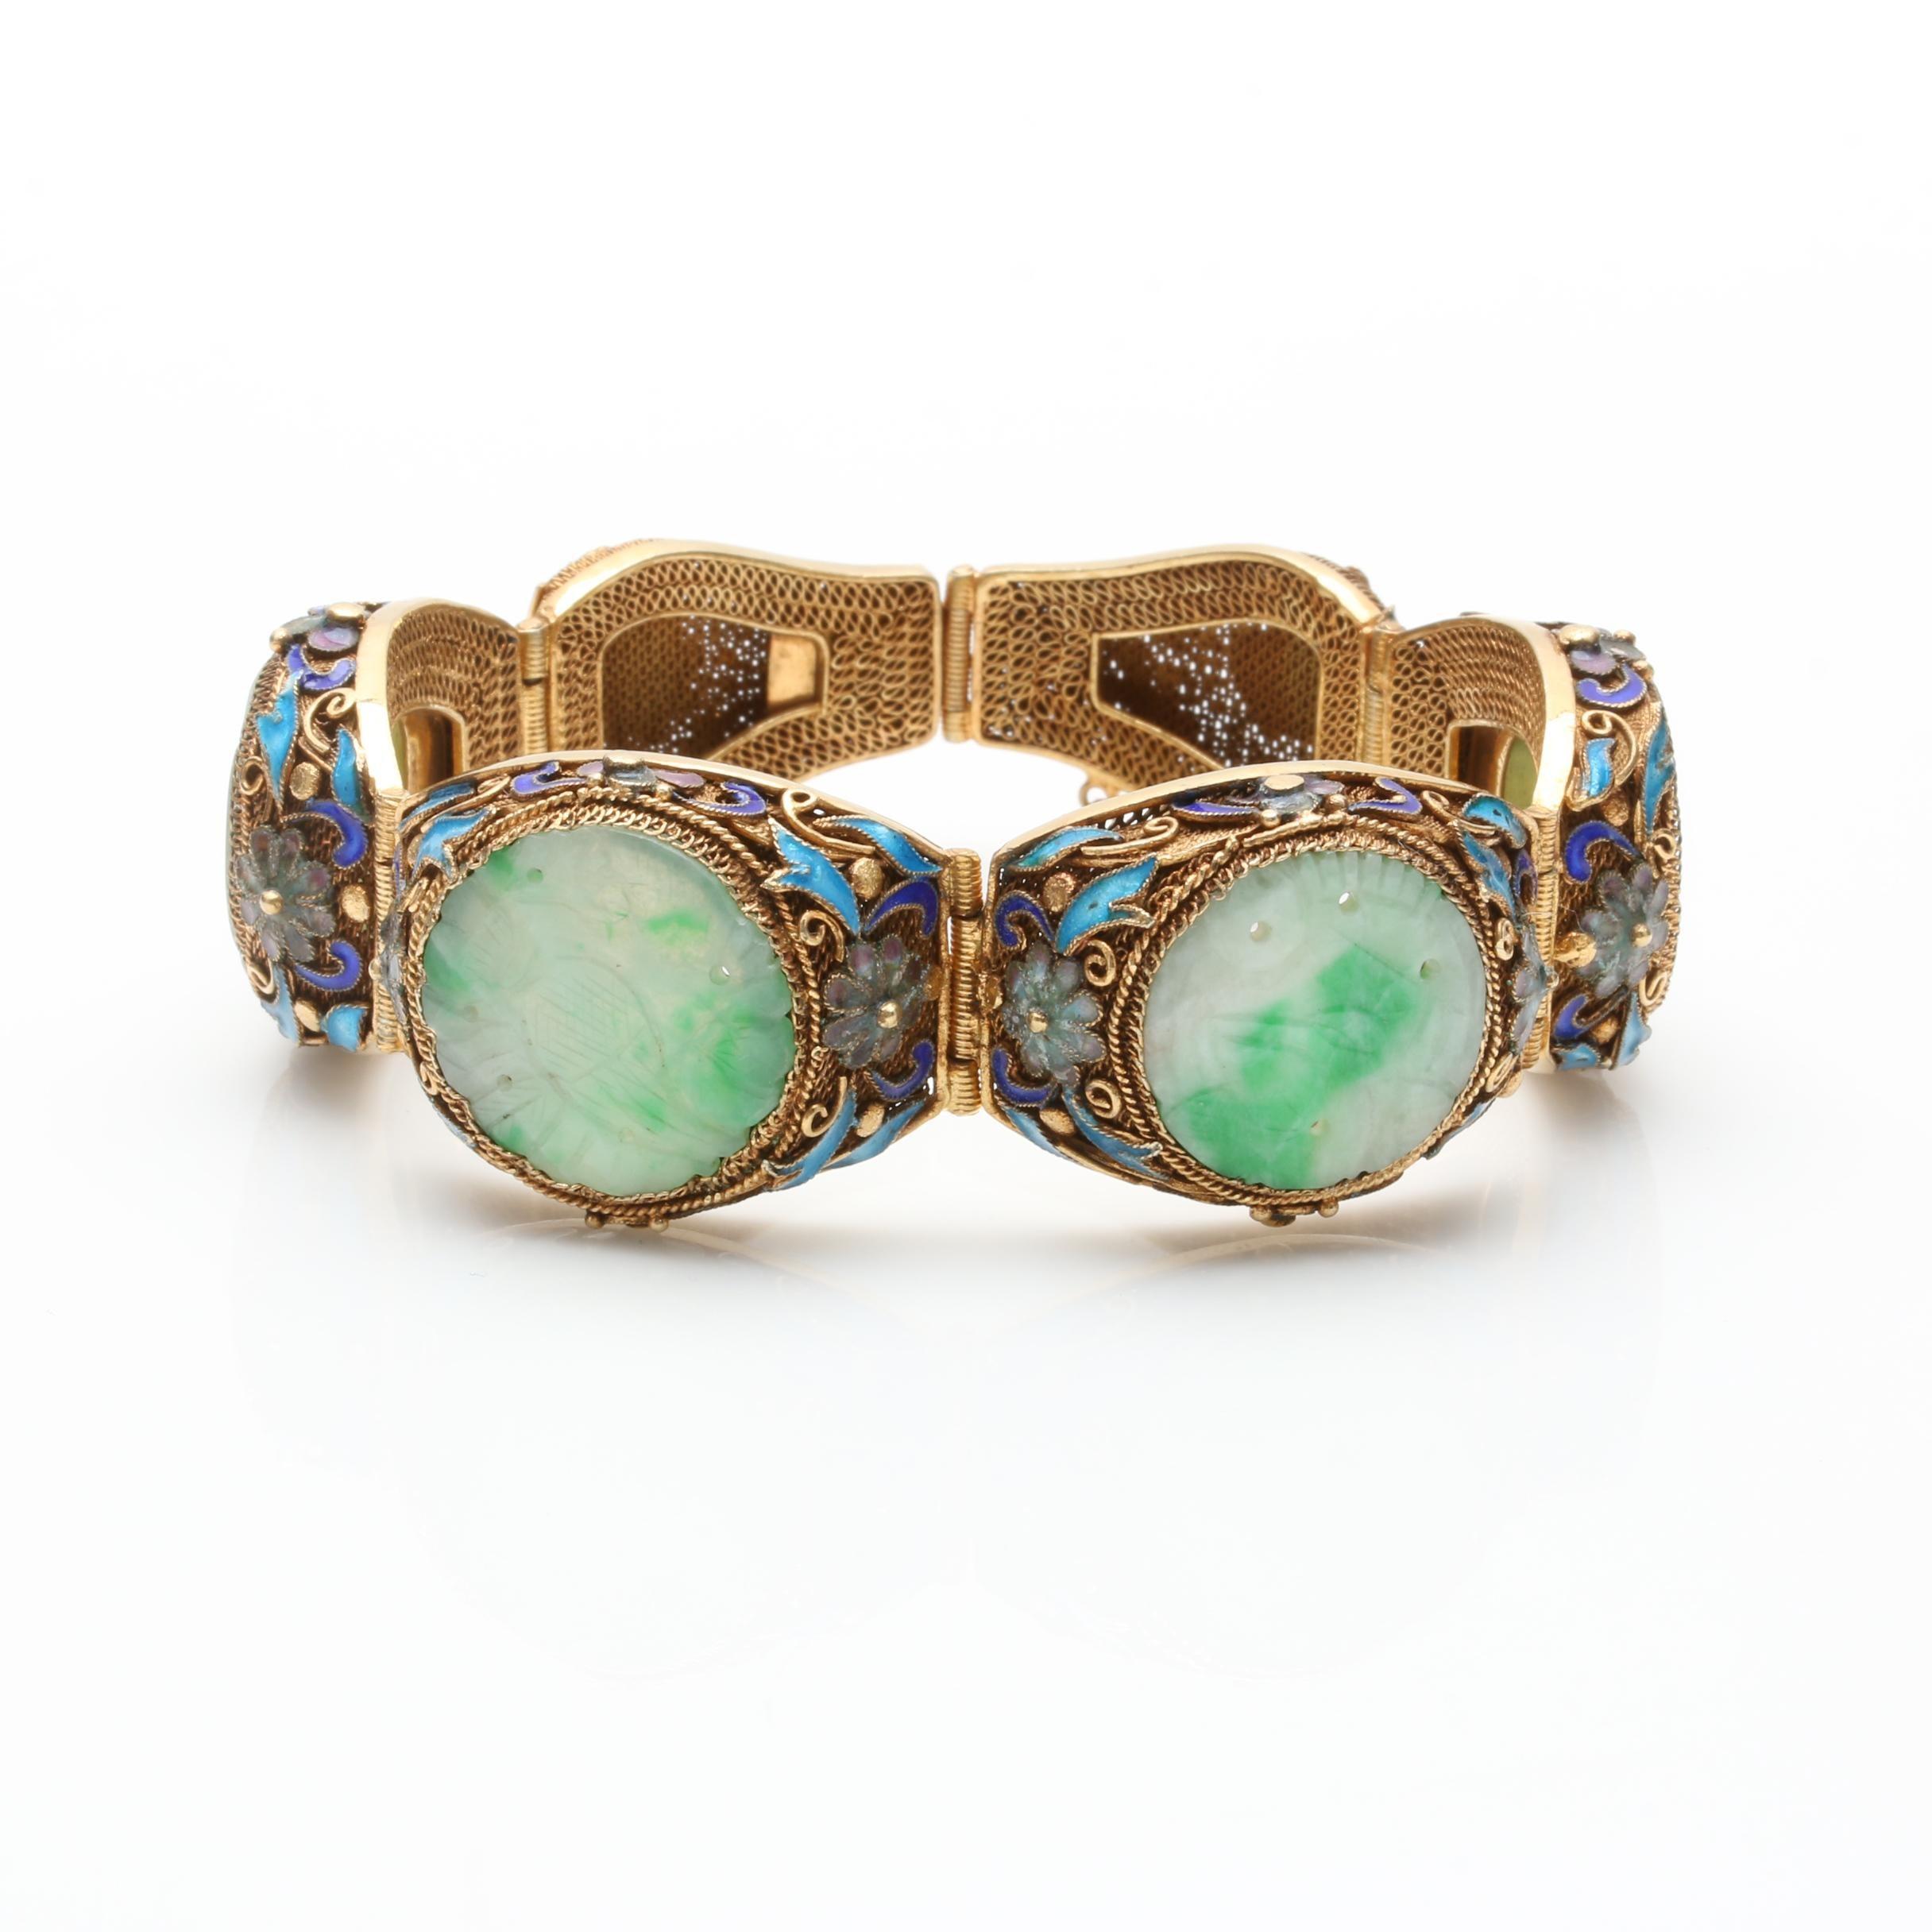 Gold Wash on Sterling Silver Jadeite and Enamel Bracelet